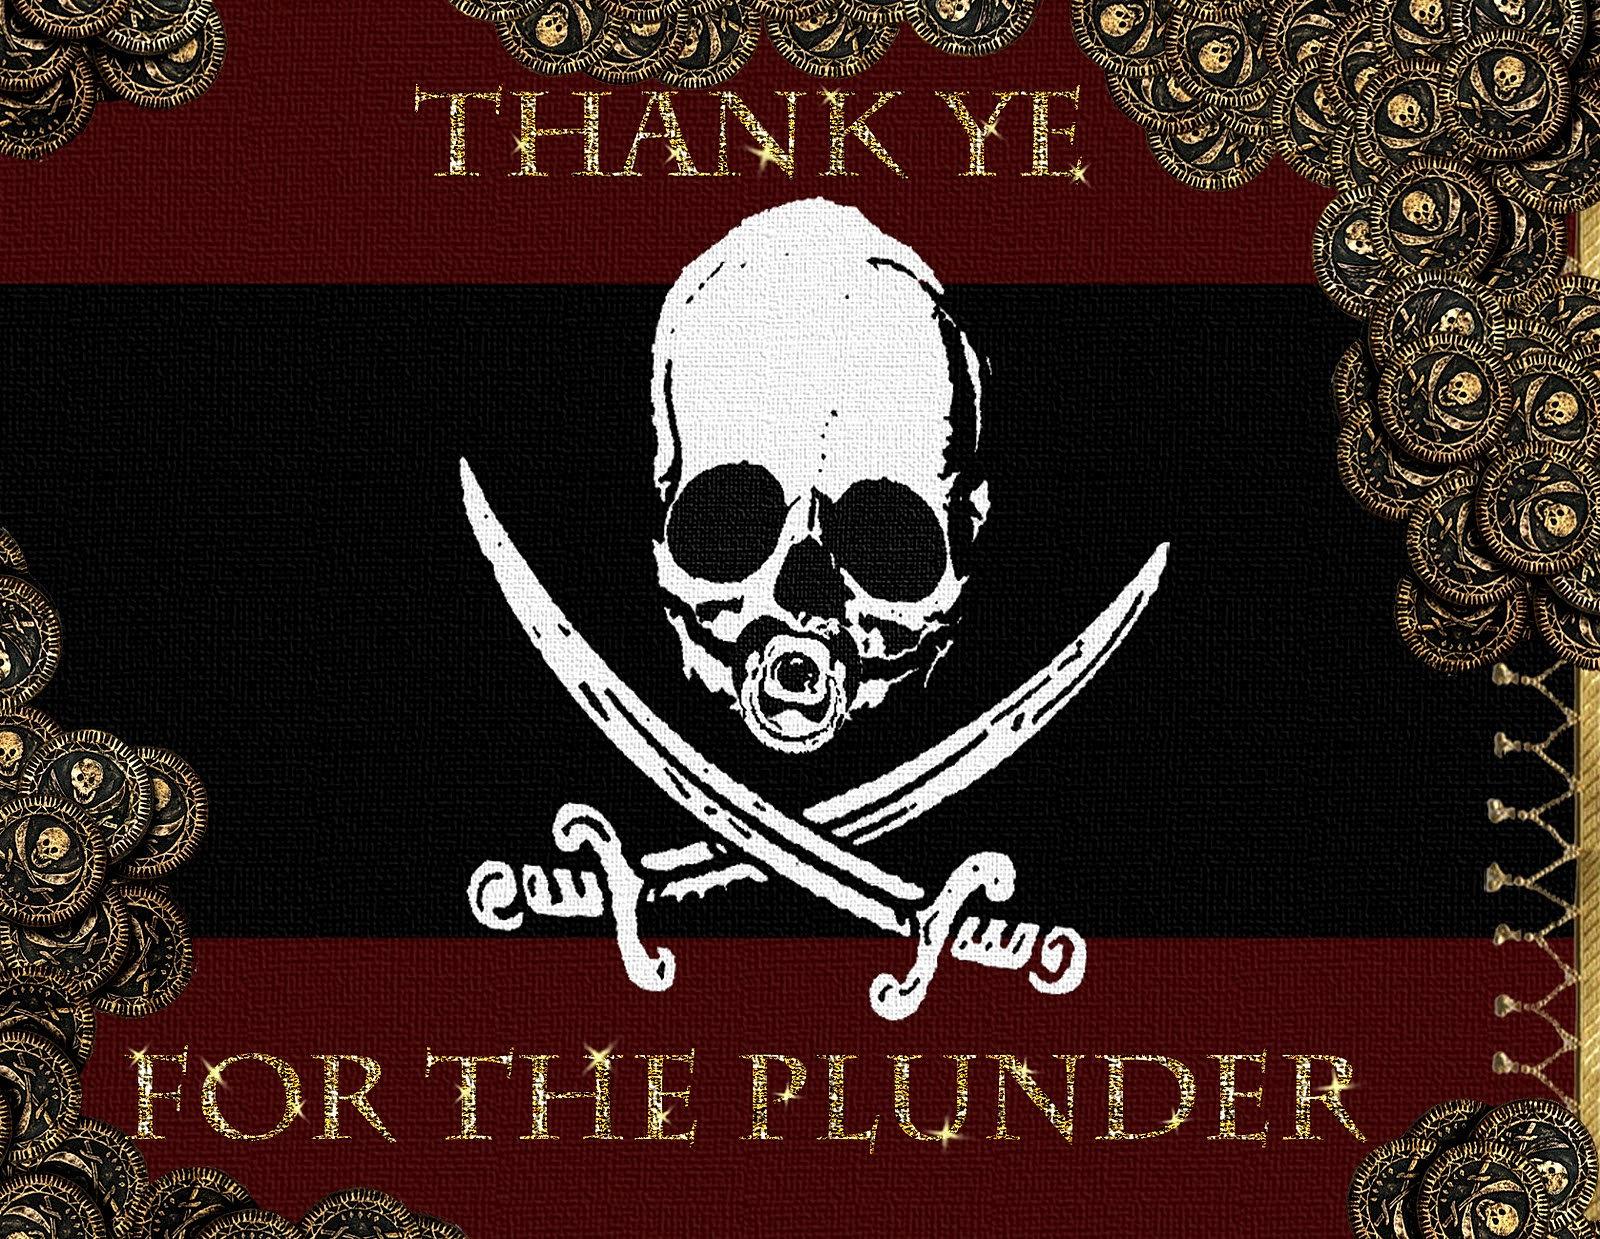 The corresponding thank you card.